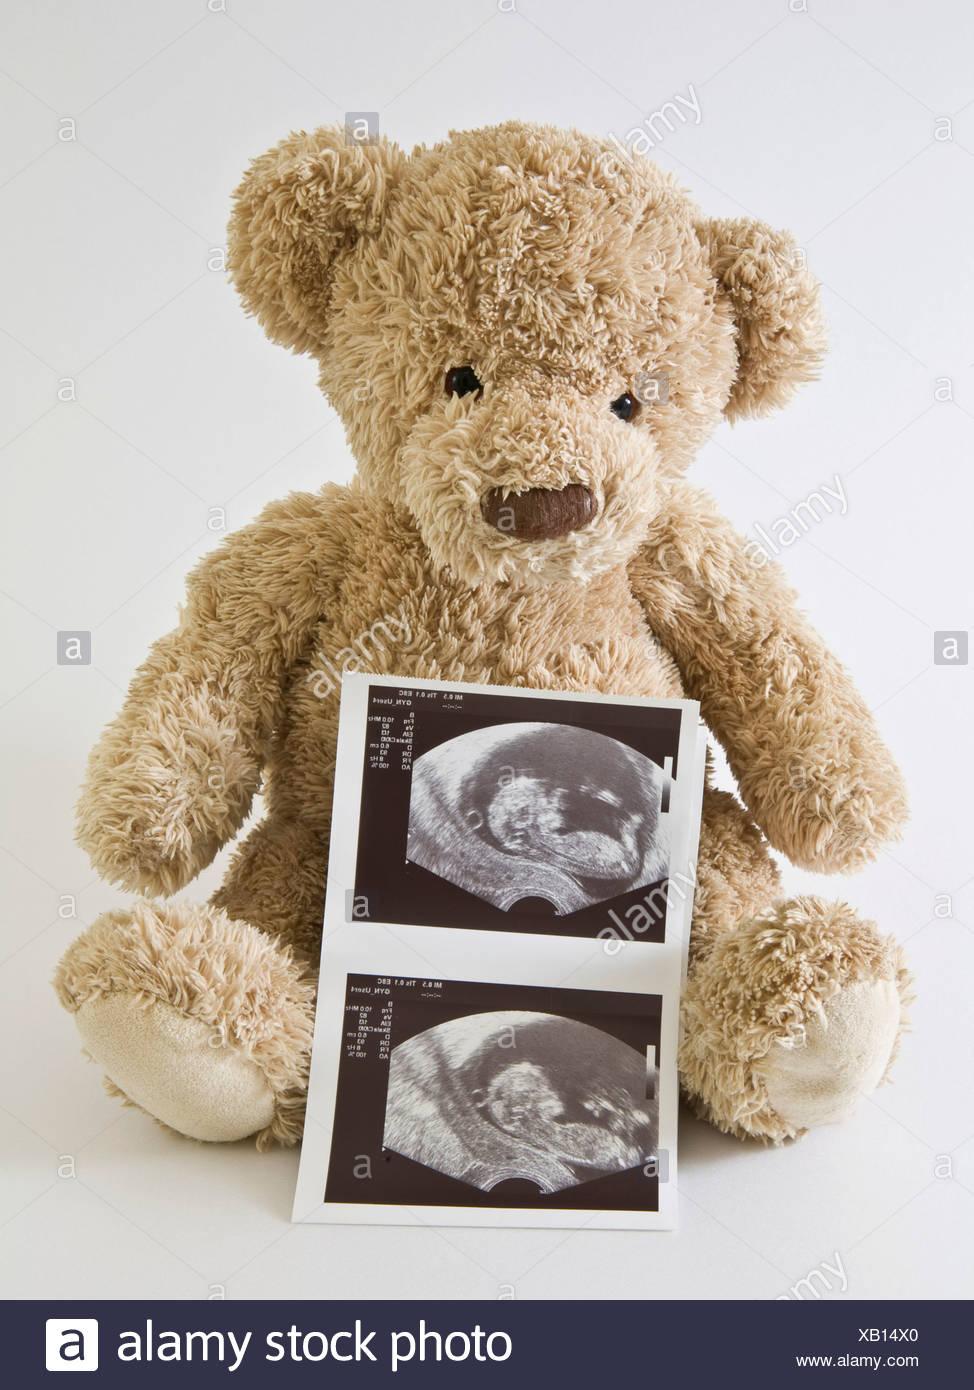 Ours en peluche avec ultrasonograms Photo Stock